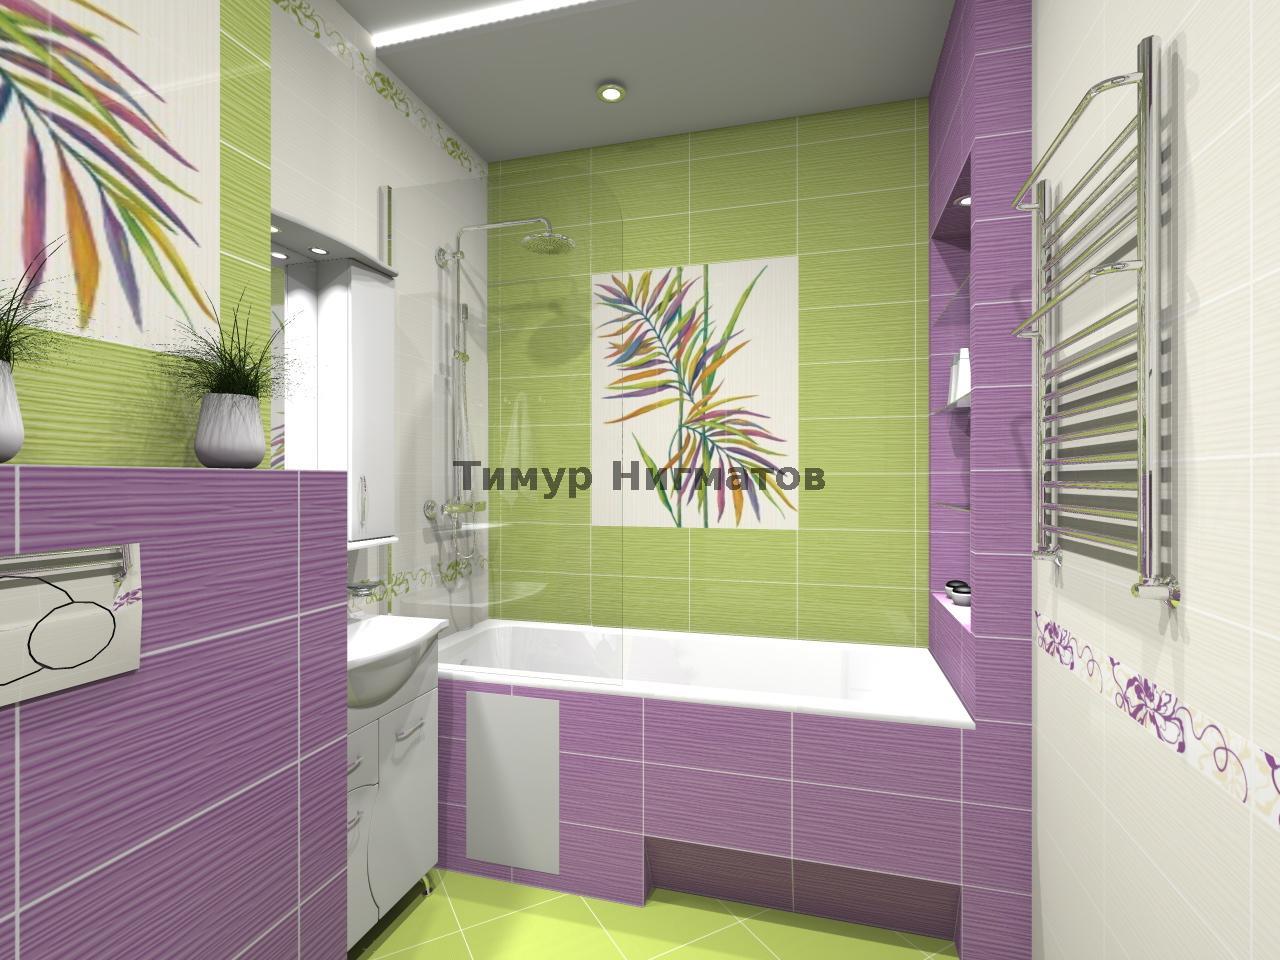 Проект однокомнатной квартиры из вытянутой студии 39 м для семьи с маленьким ребенком.